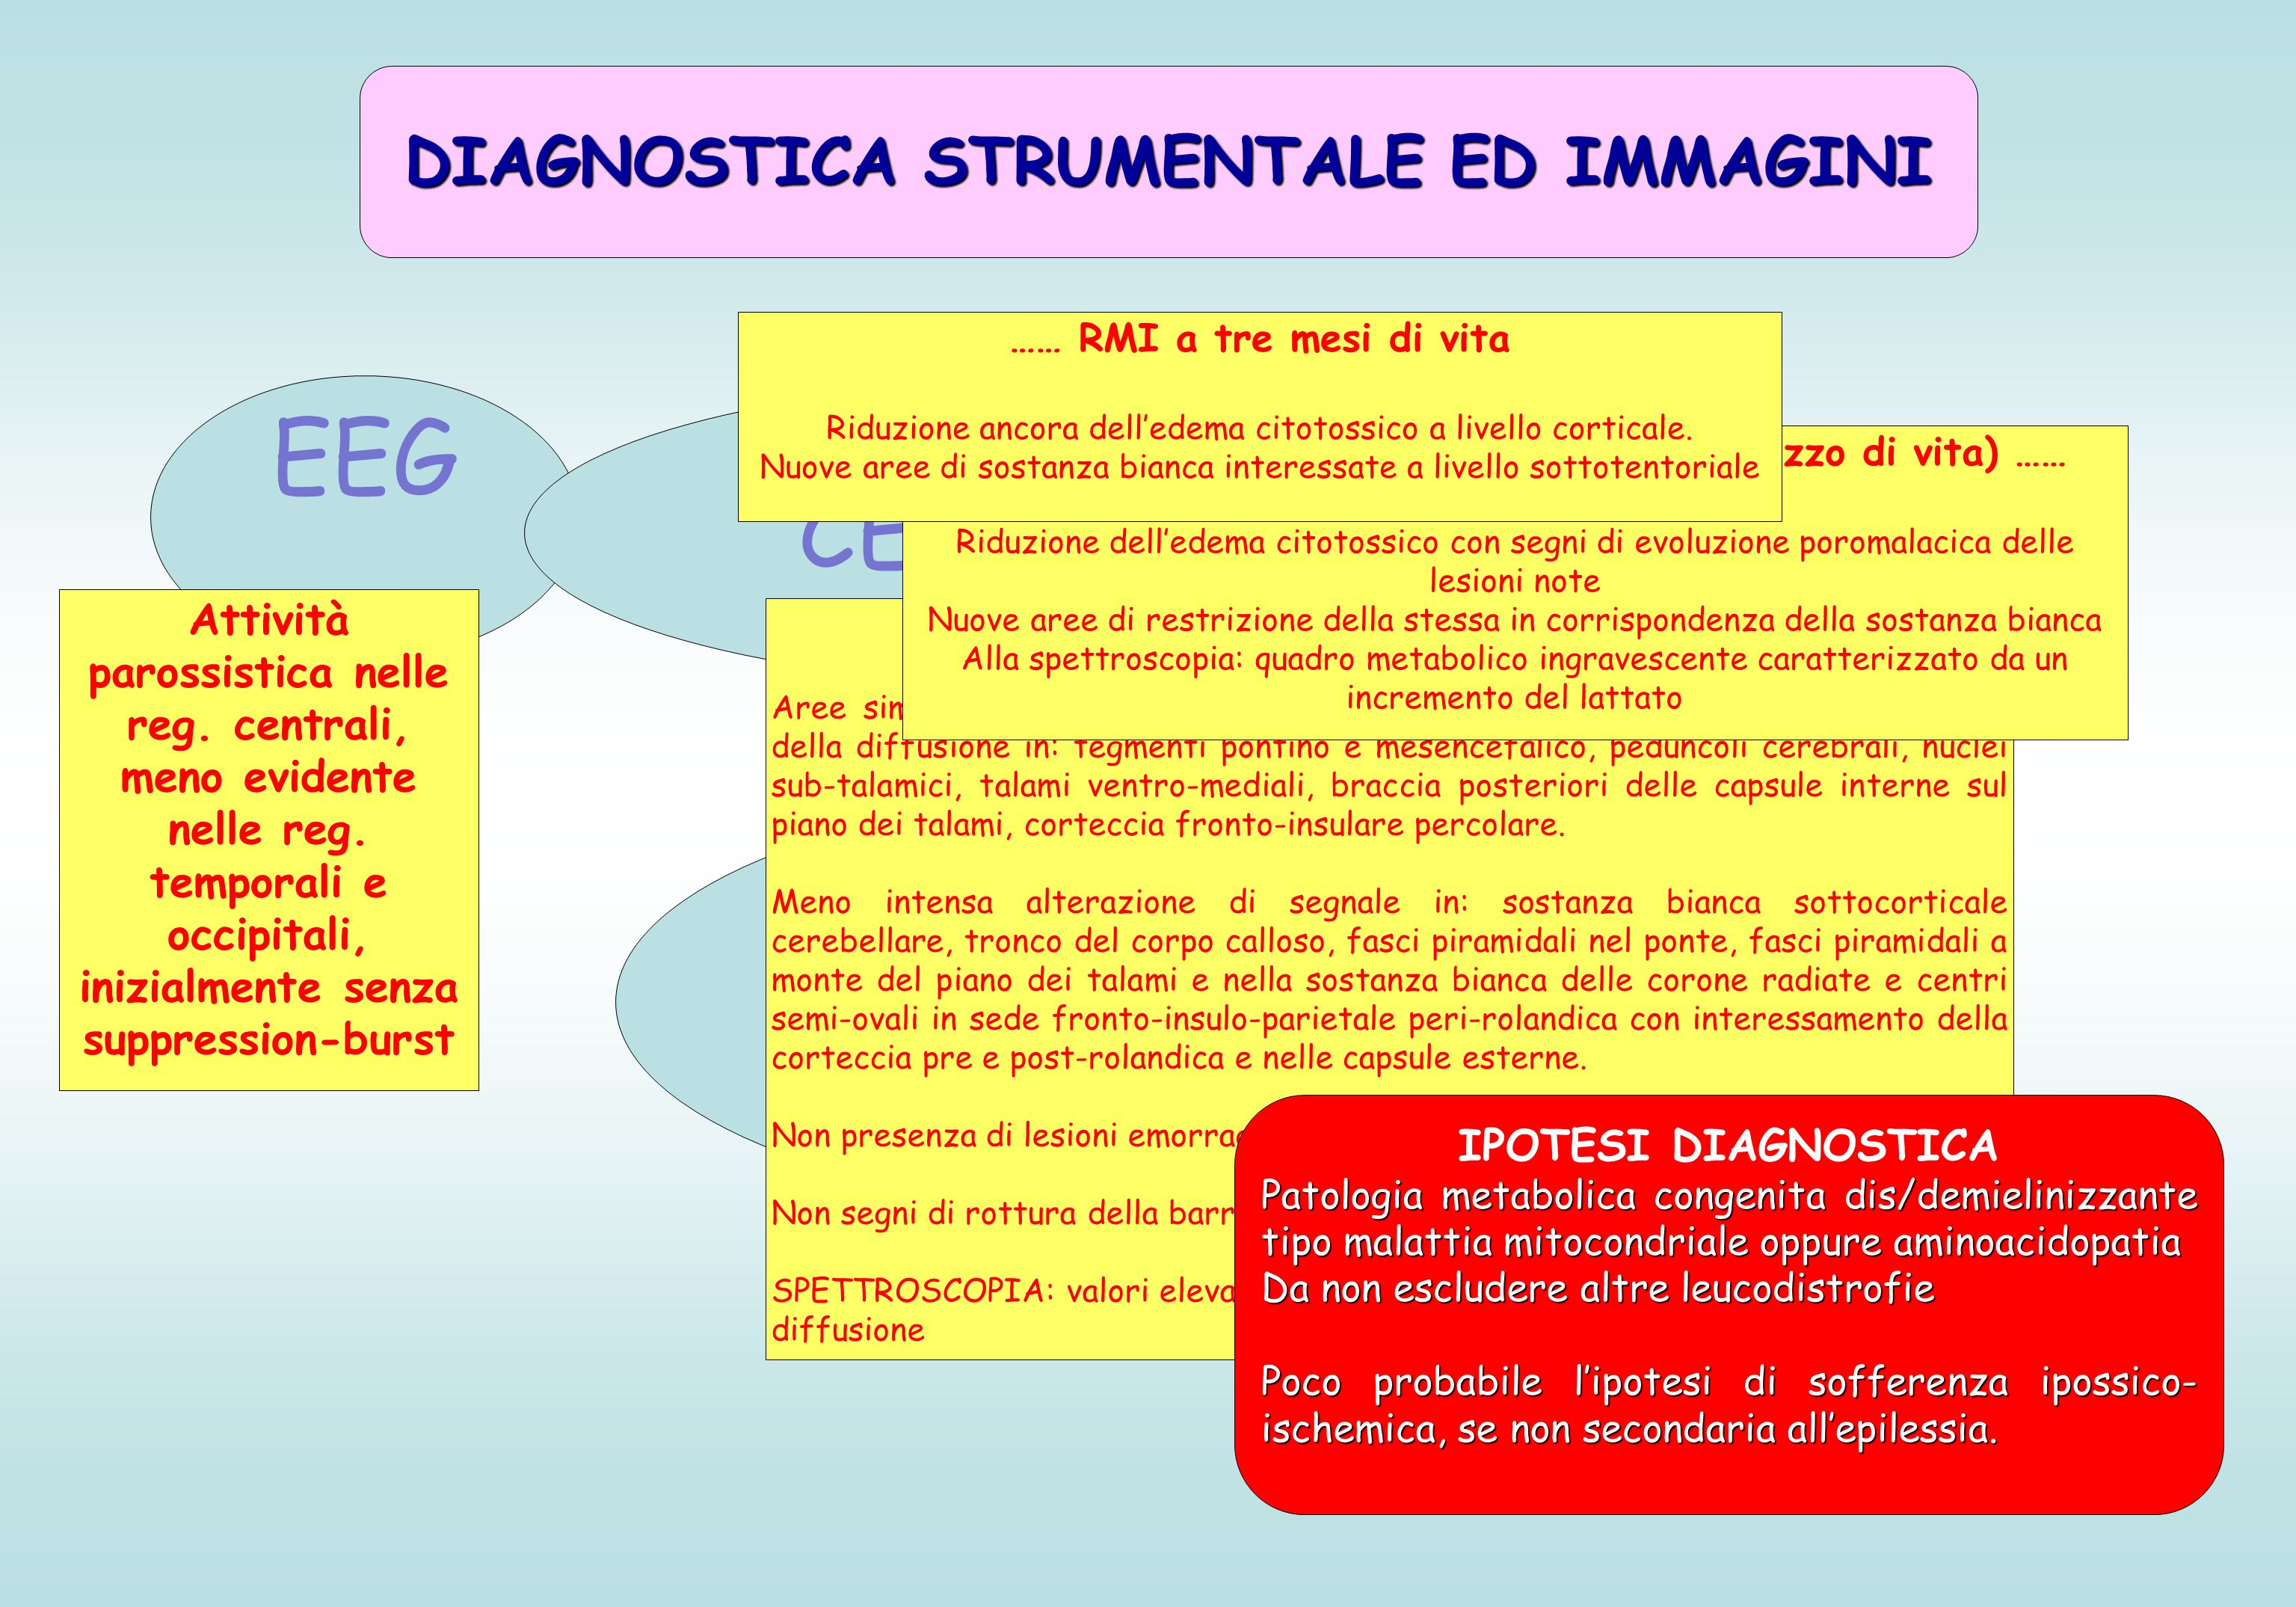 EEG Angio-RM RM in diffusione e spettroscopia ECOGRAFIA CEREBRALE DIAGNOSTICA STRUMENTALE ED IMMAGINI Attività parossistica nelle reg.